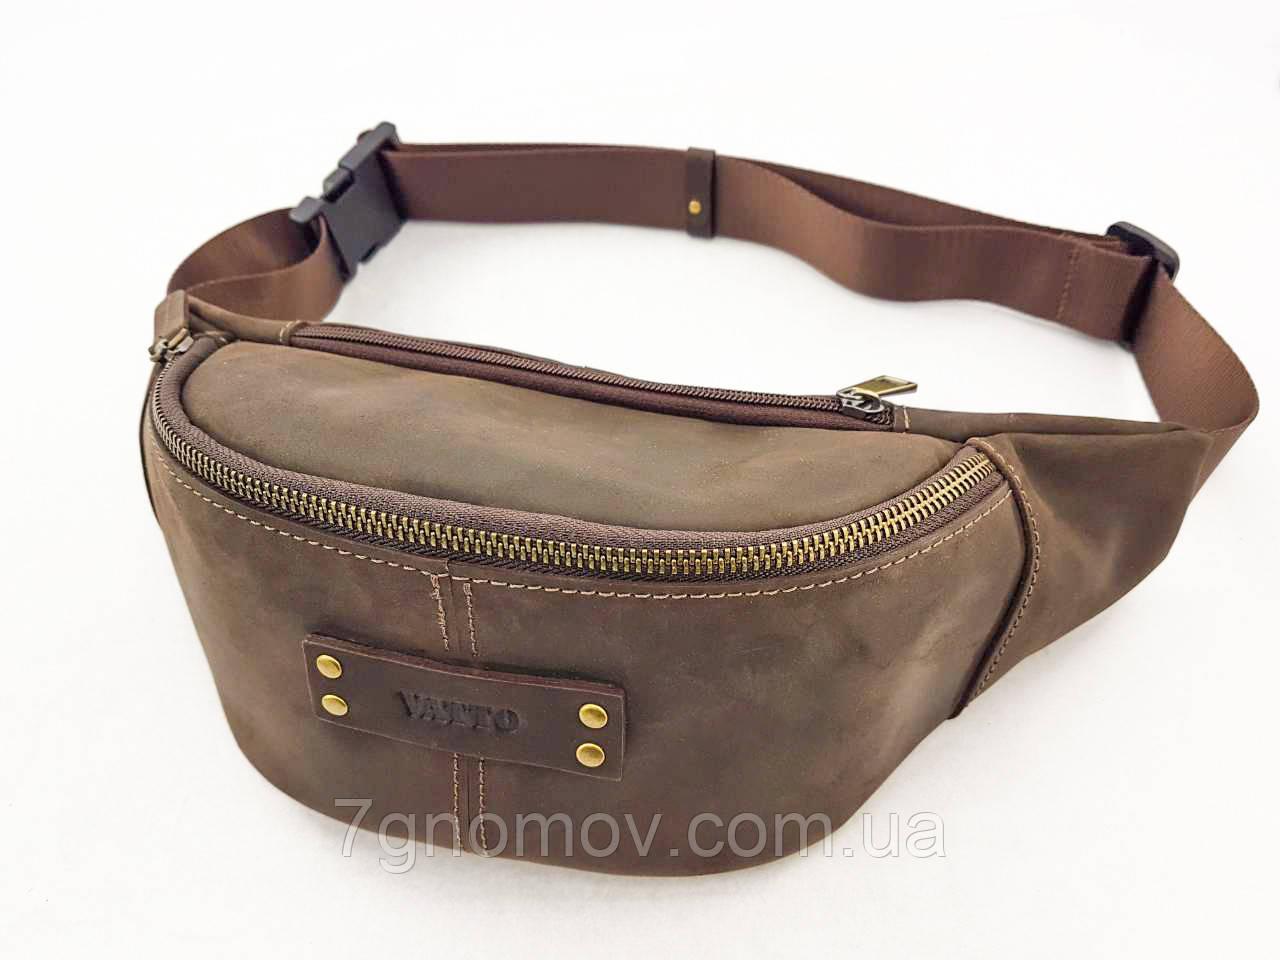 Мужская сумка на пояс VATTO Mk72 Kr450